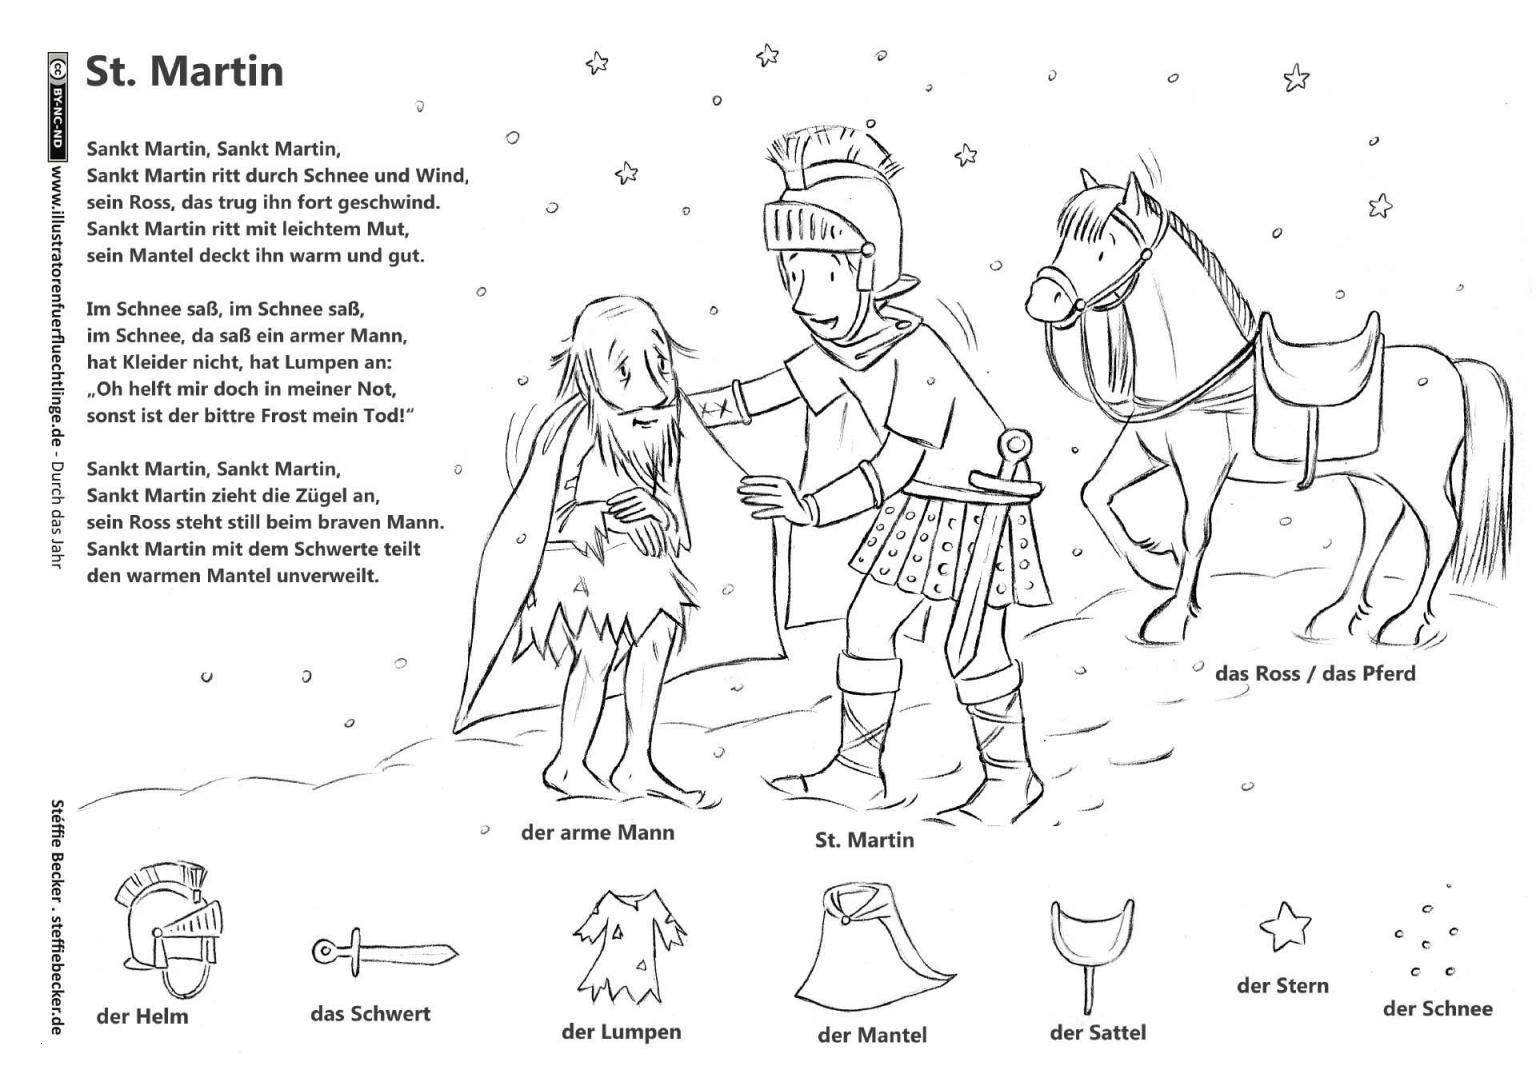 Arielle Ausmalbilder Zum Drucken Kostenlos Einzigartig Bayern Ausmalbilder Schön Igel Grundschule 0d Archives Luxus Pferde Bilder